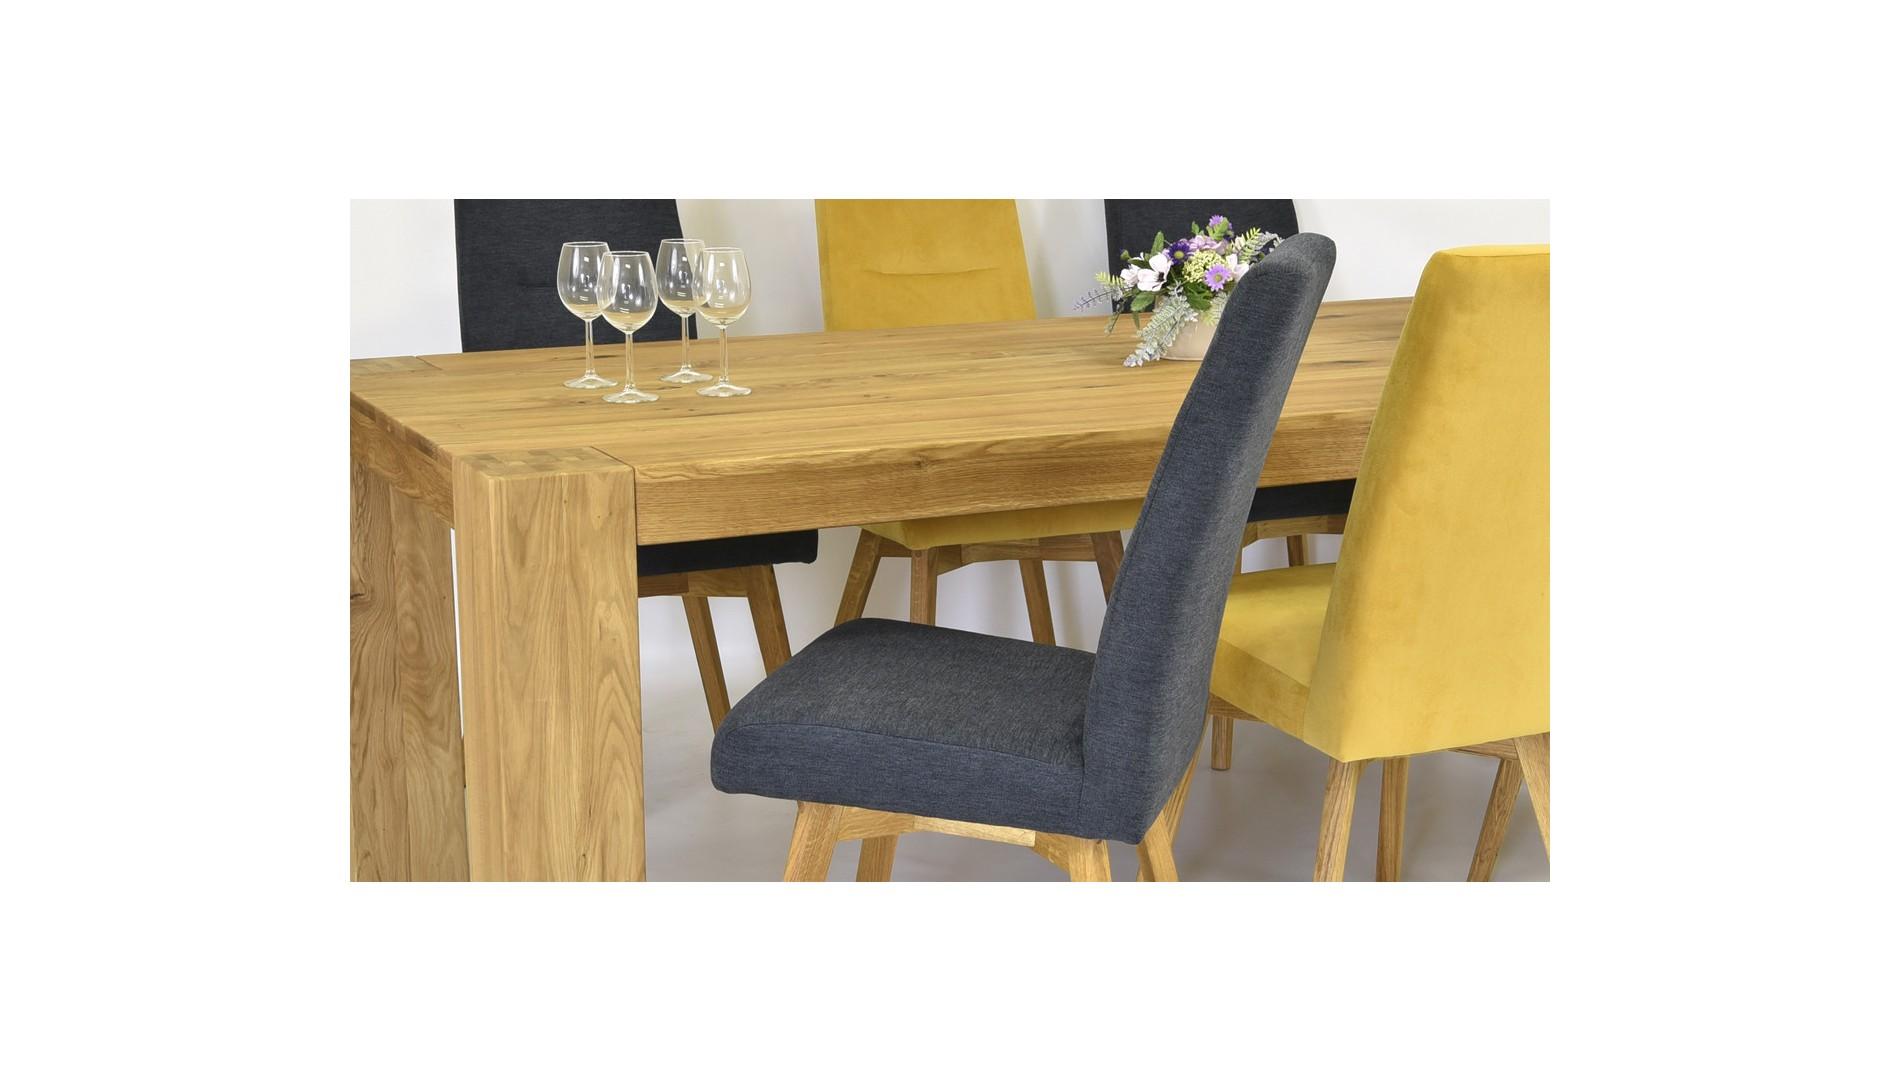 Ebédlő asztal - francia stílus